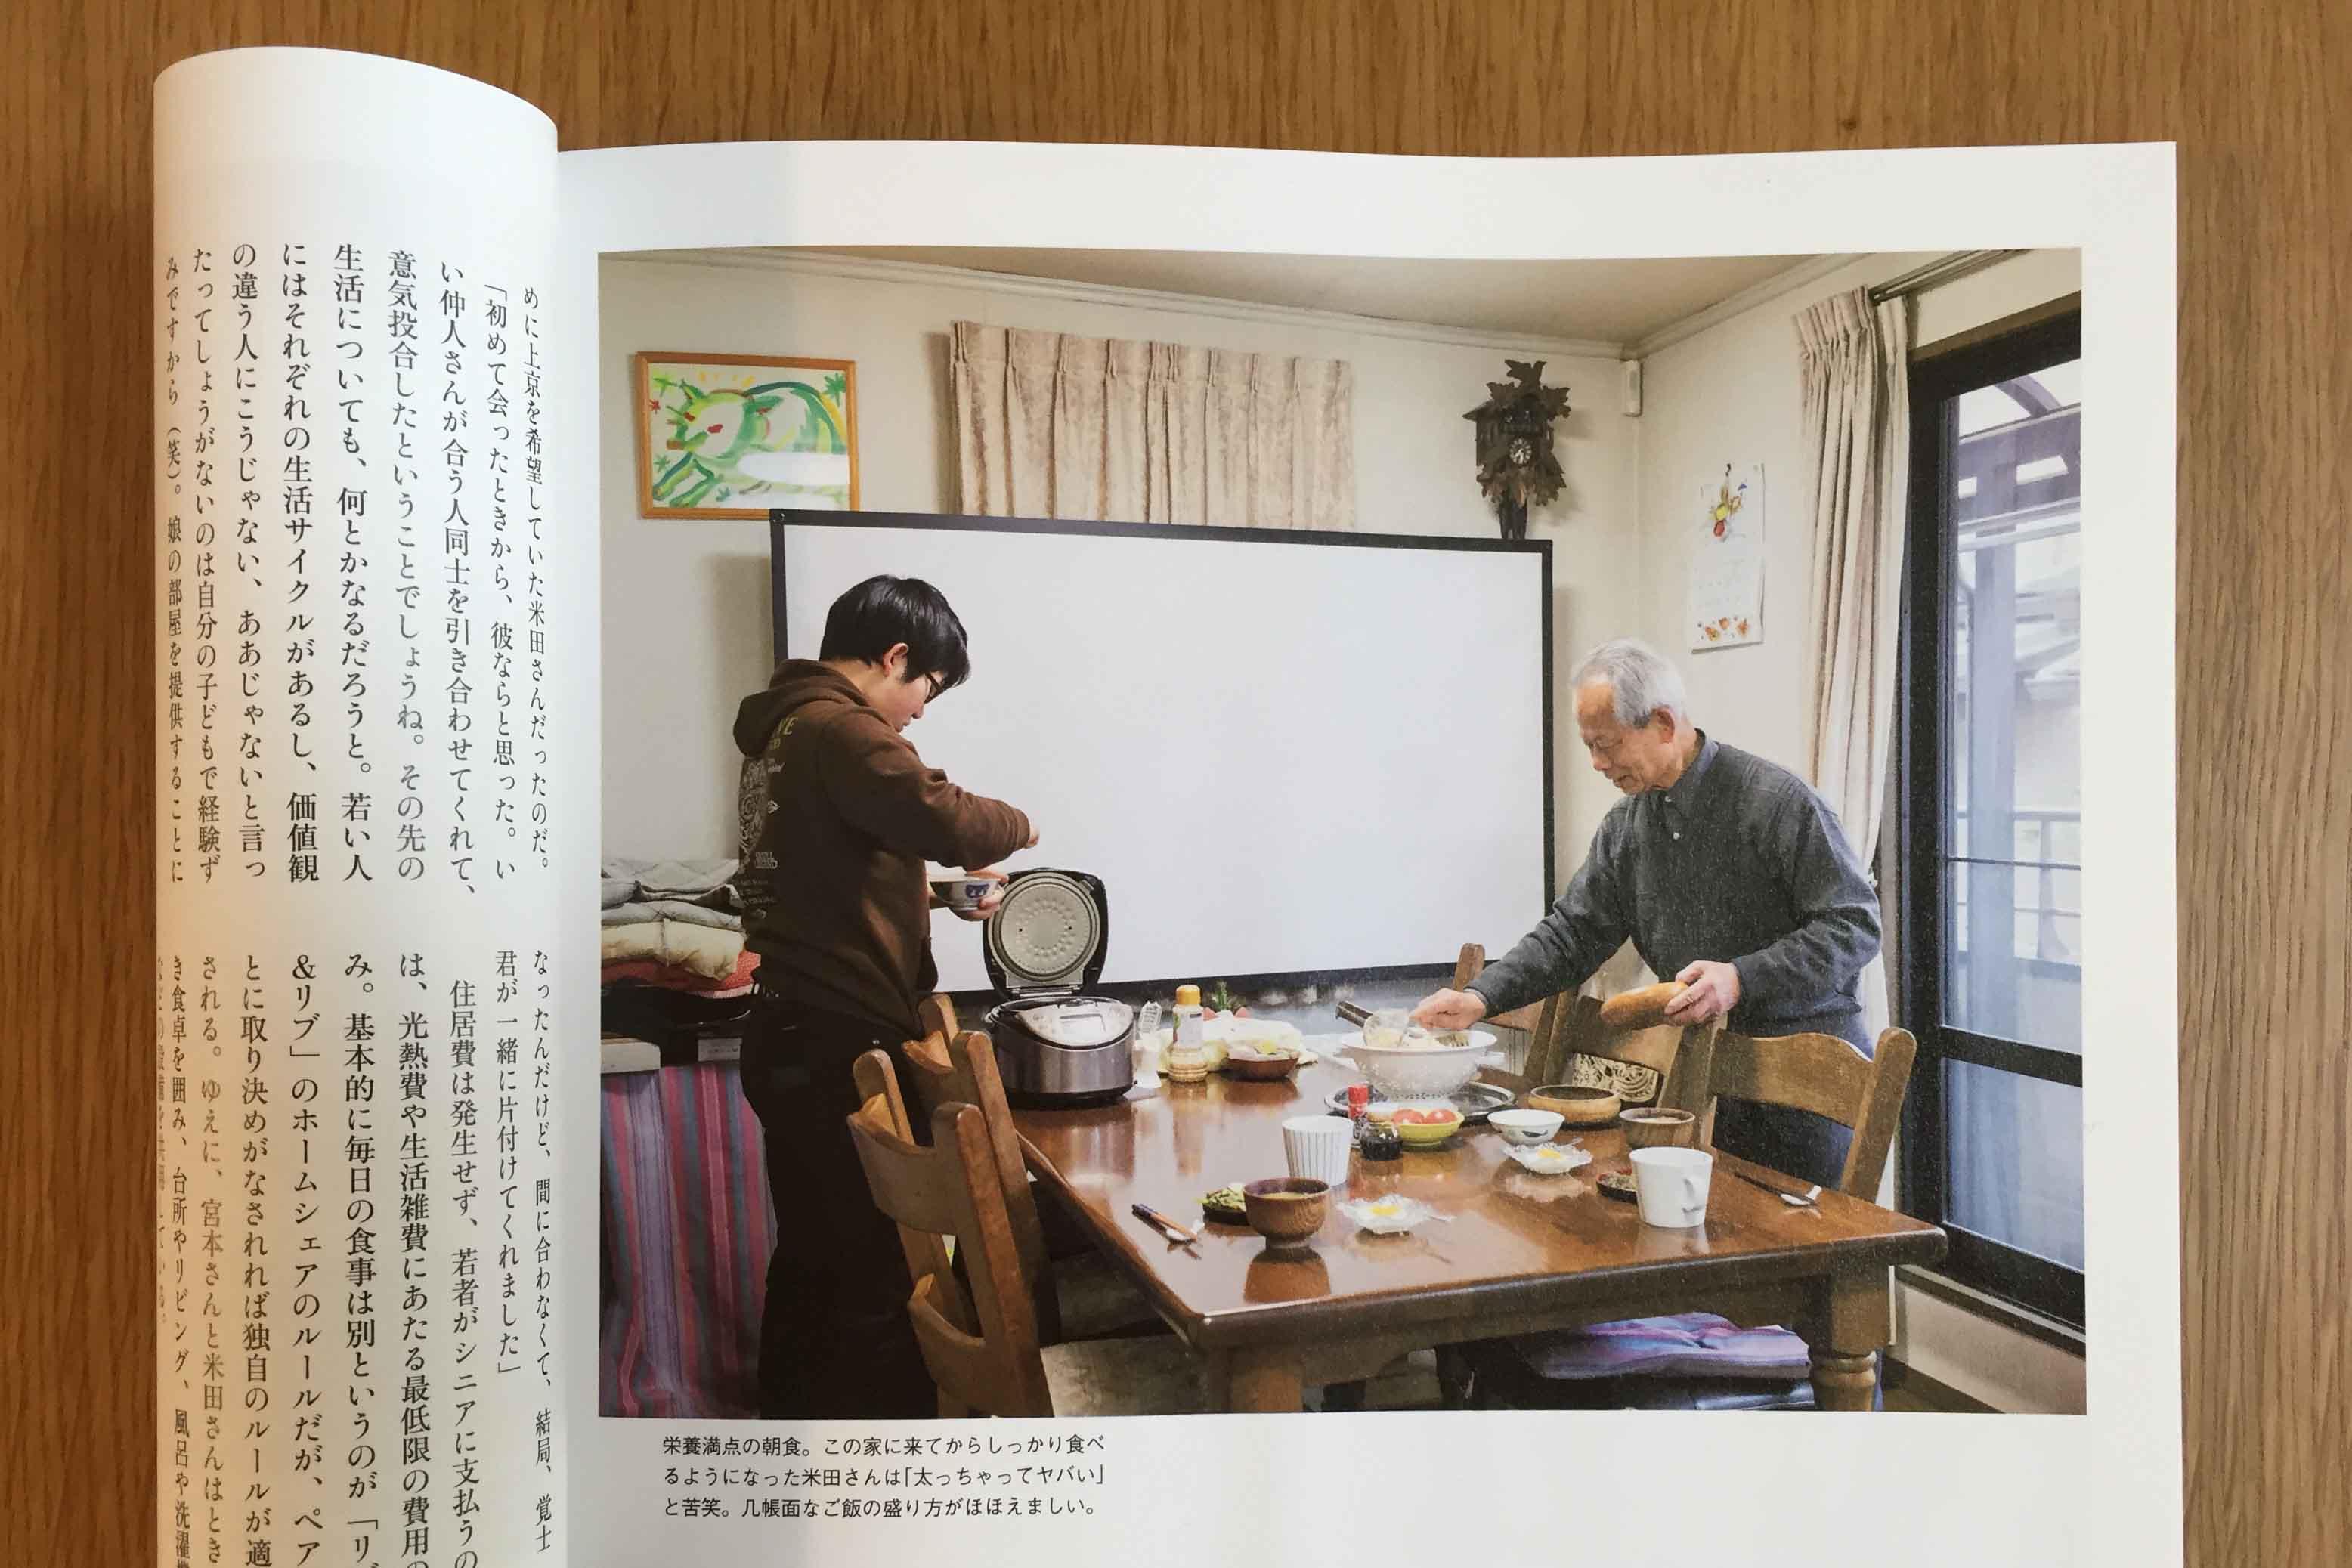 原本以為從此要在大房子中過起獨居老人生活的宮本爺爺,因少年米田進駐同居,生命因此改變。